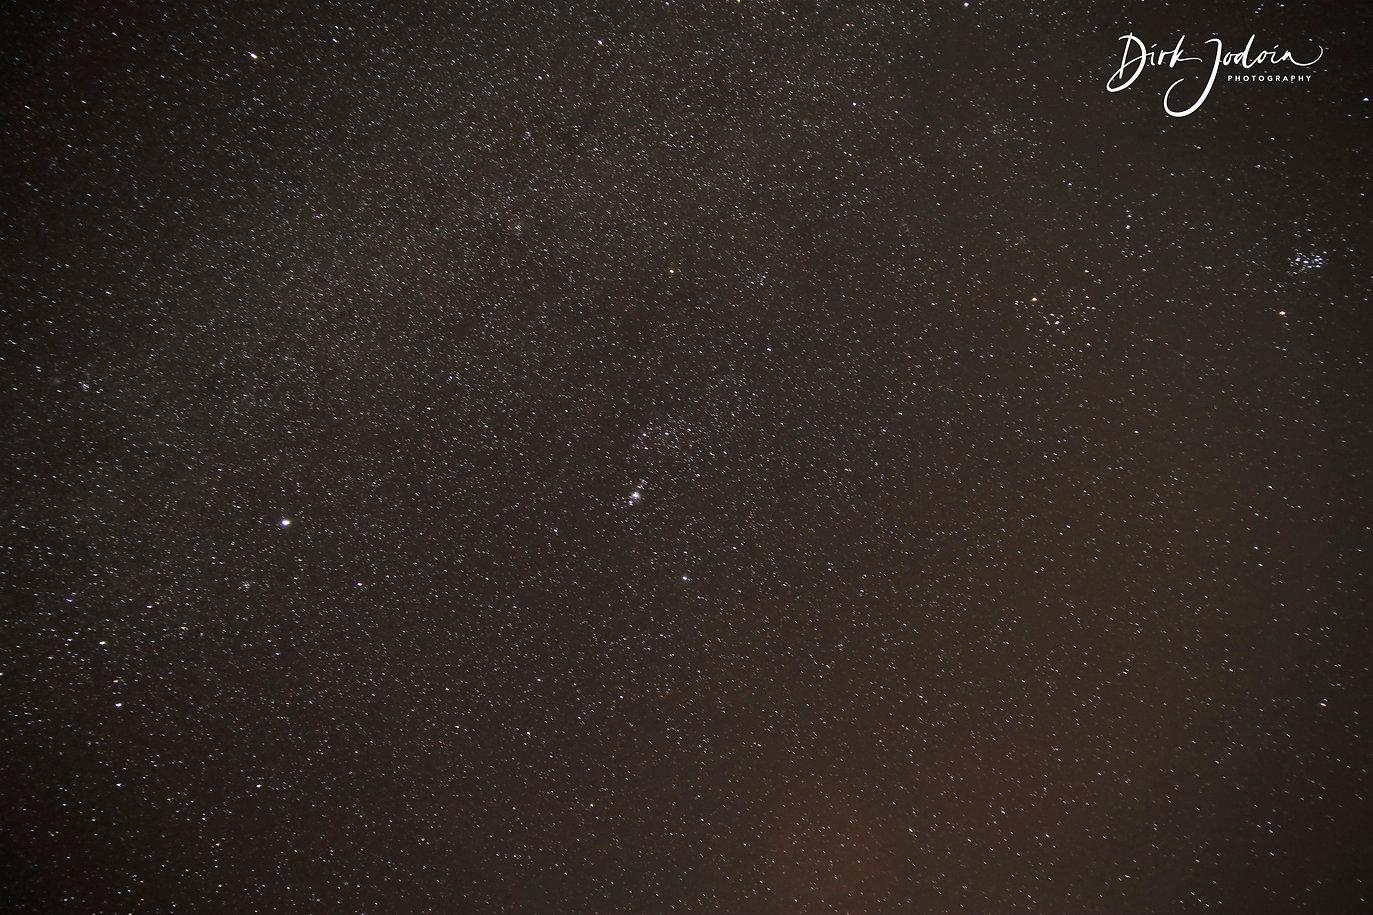 DR3A8501.jpg